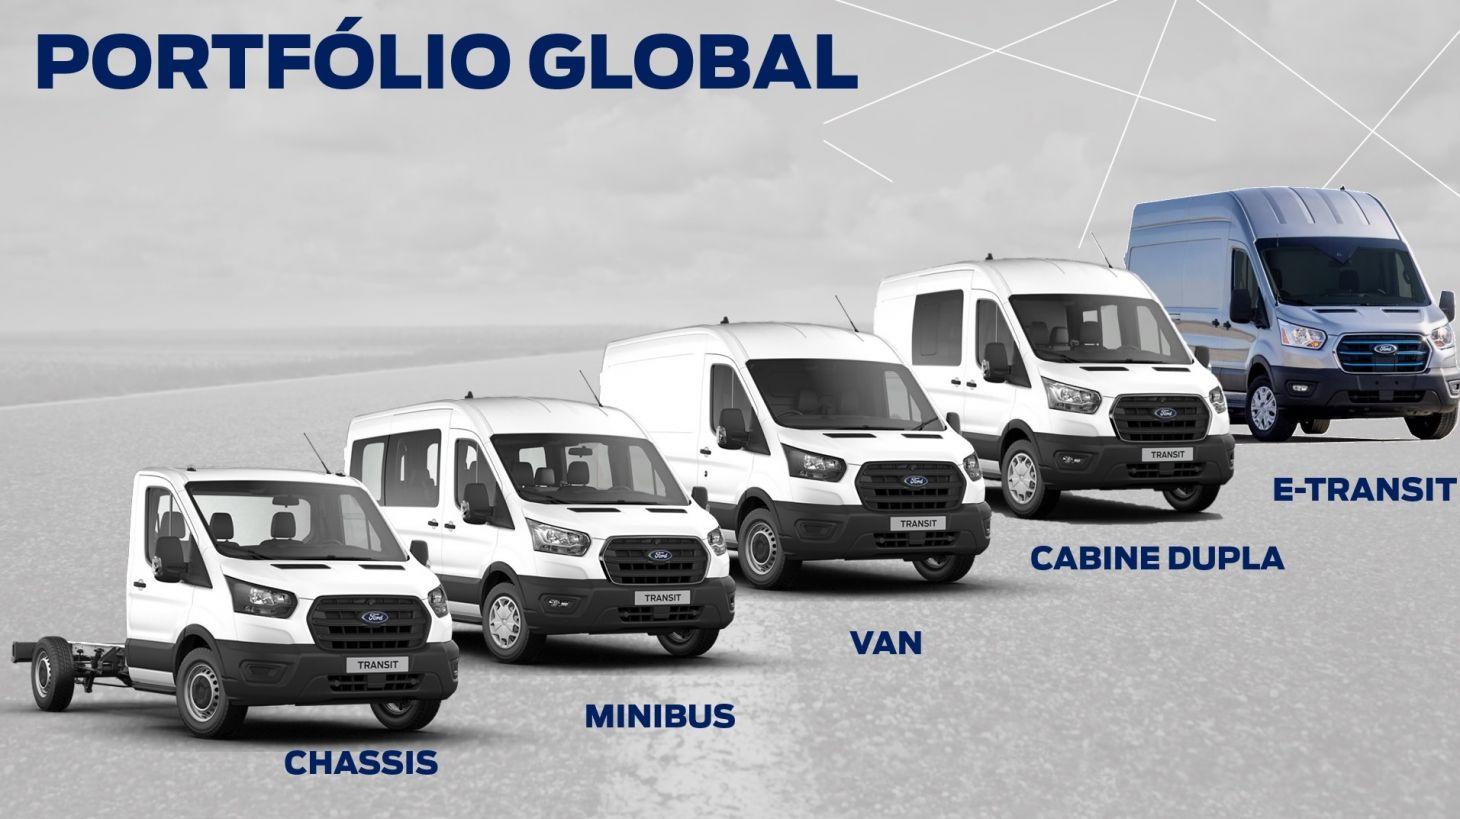 variacoes ford transit portfolio global